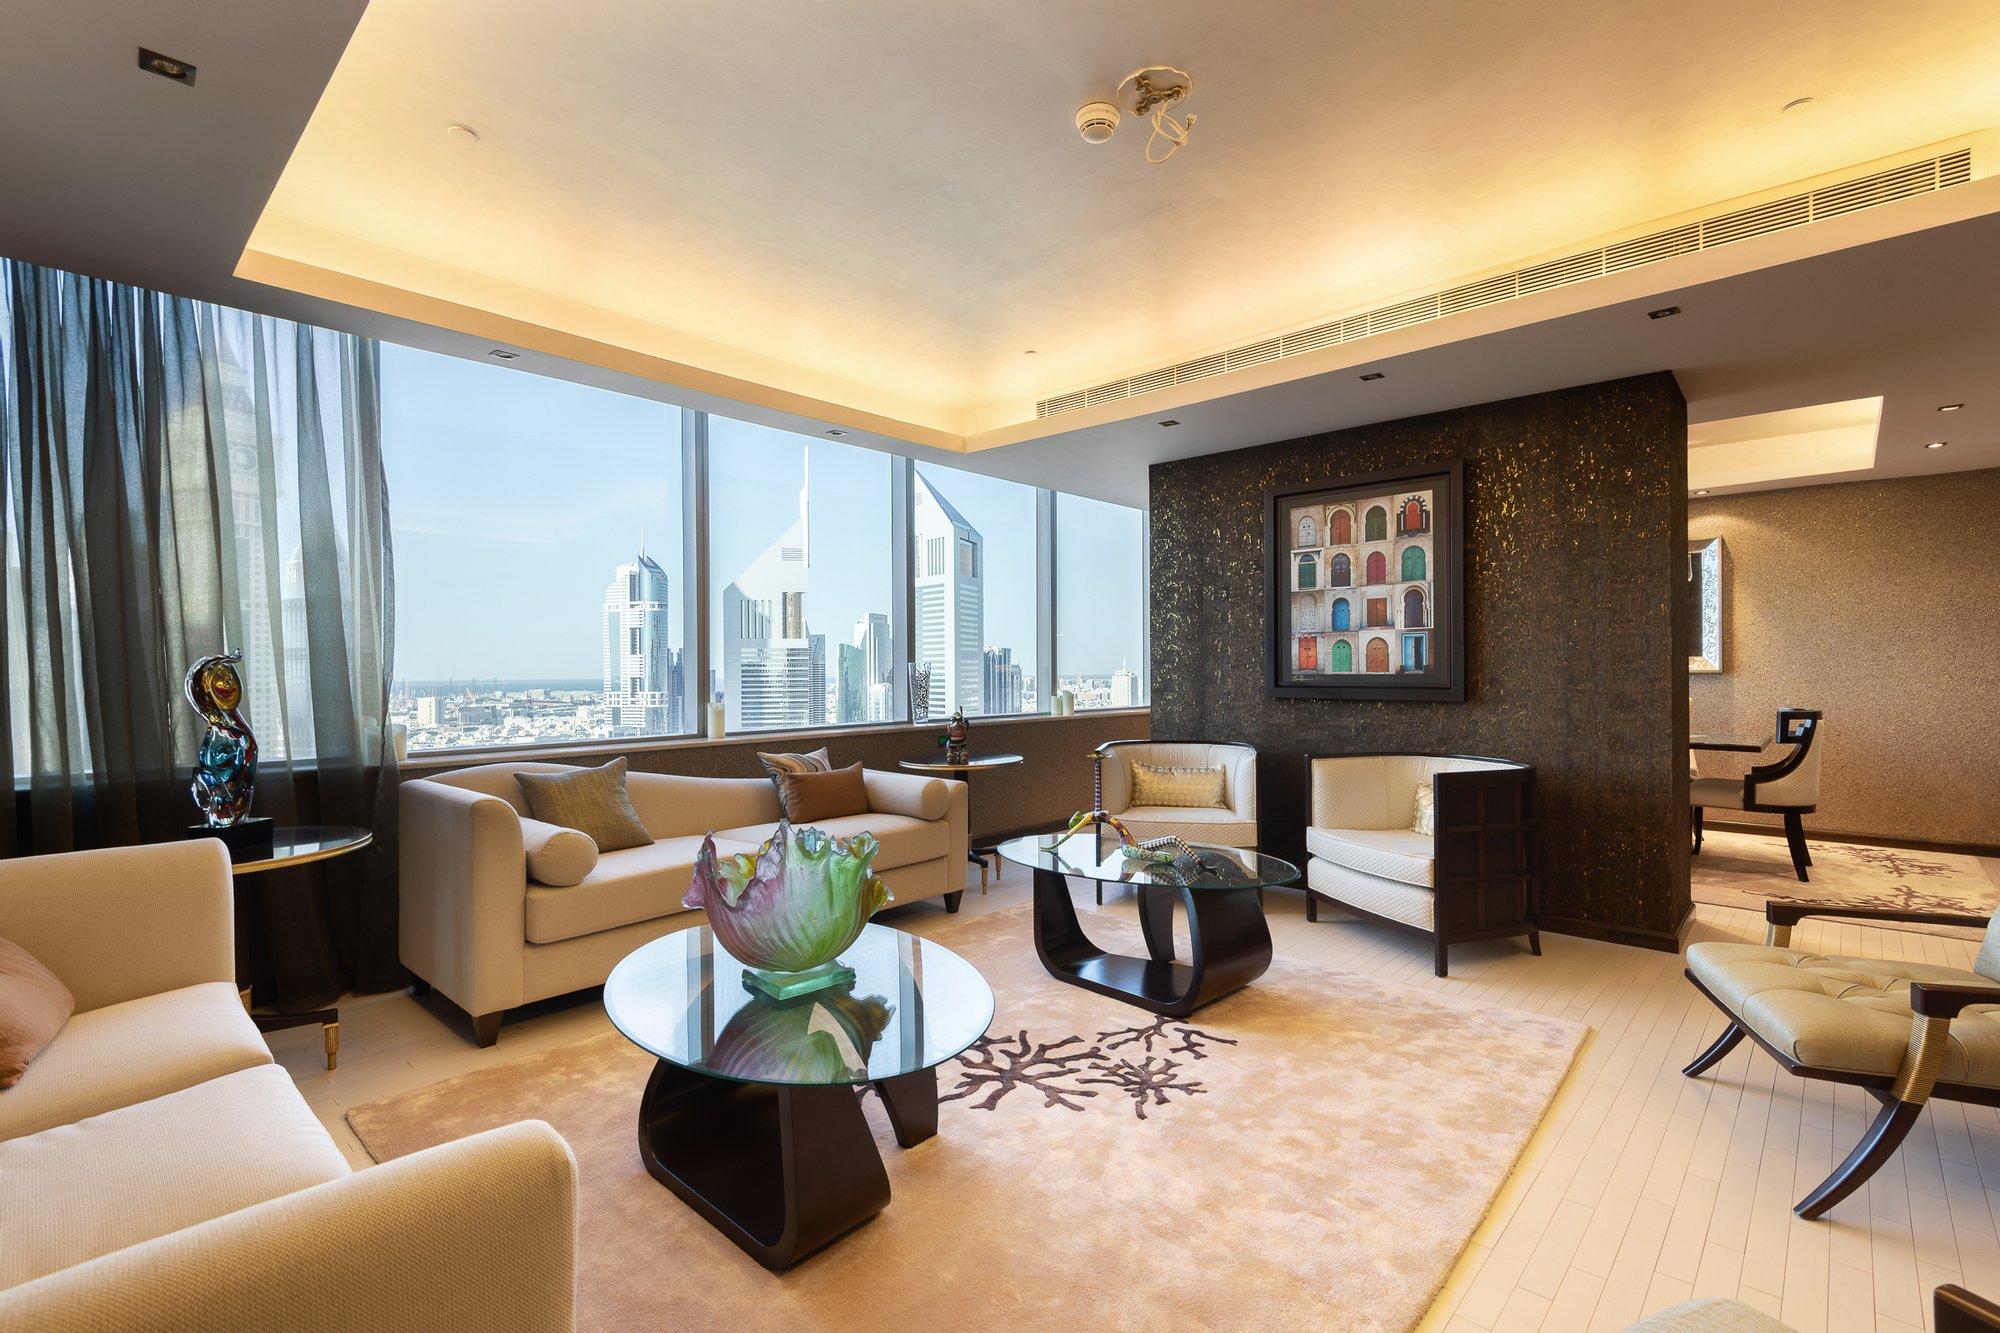 Apartment in Dubai, Dubai, United Arab Emirates 1 - 10772443